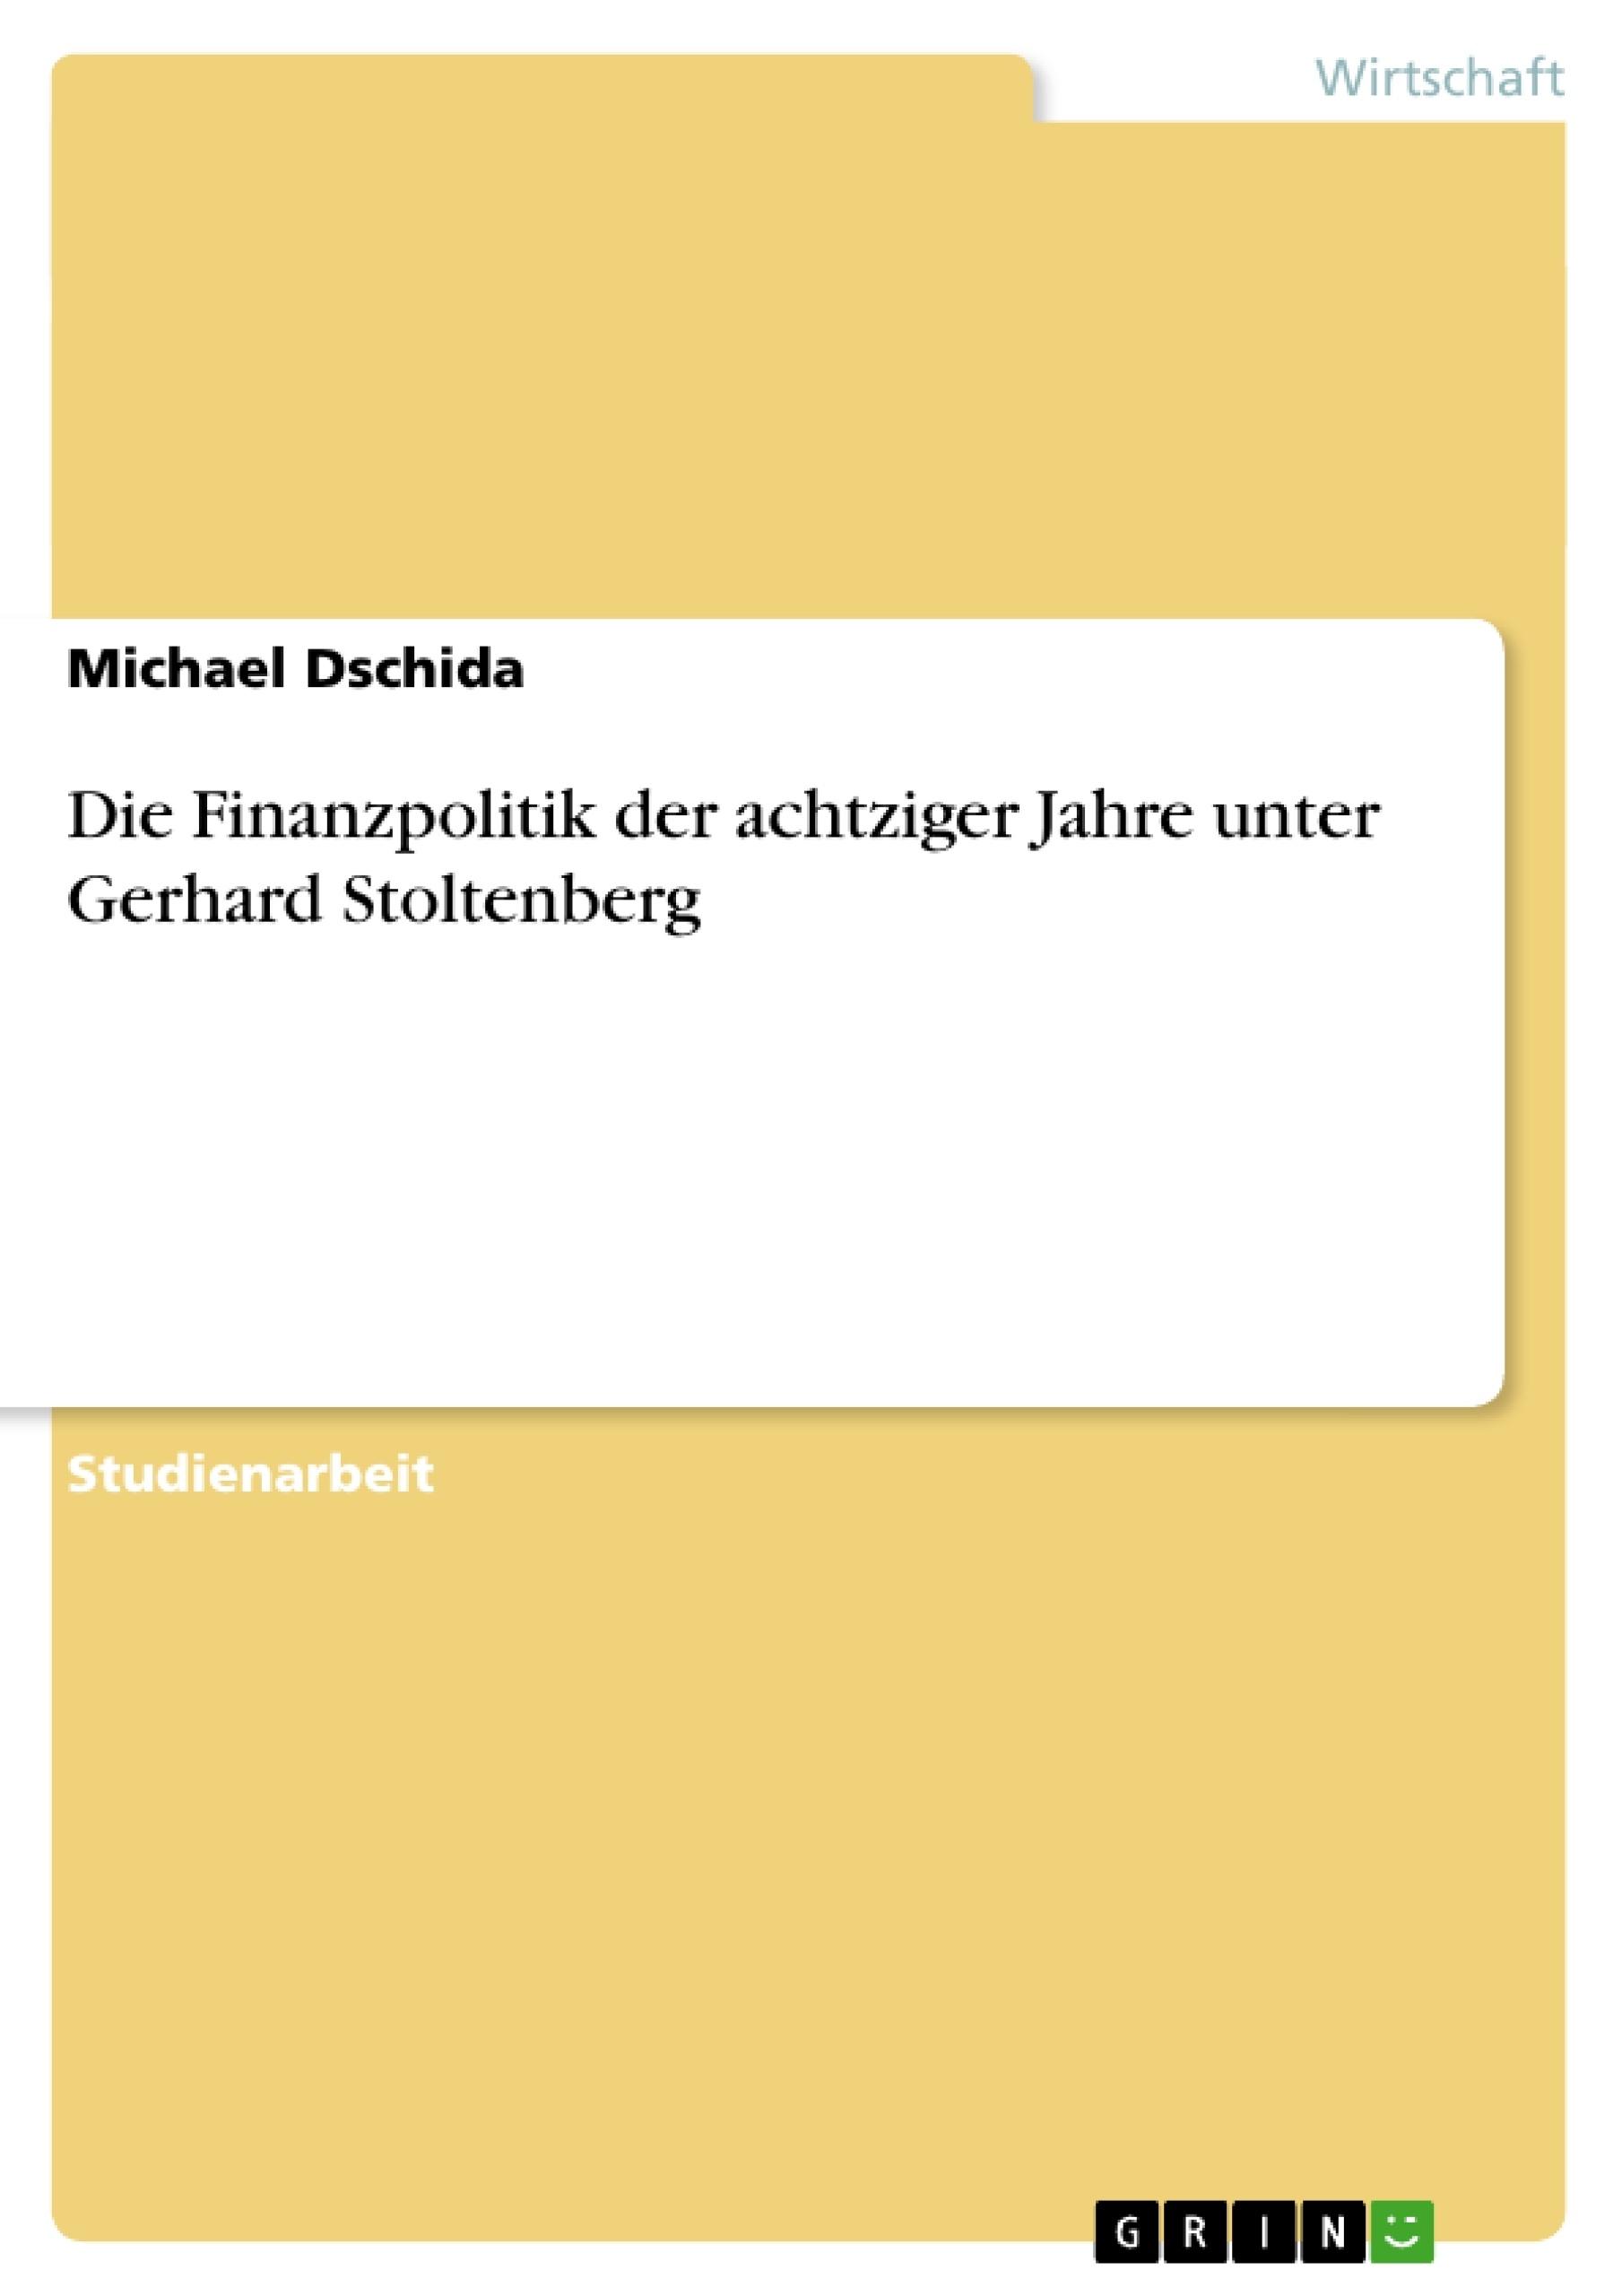 Titel: Die Finanzpolitik der achtziger Jahre unter Gerhard Stoltenberg